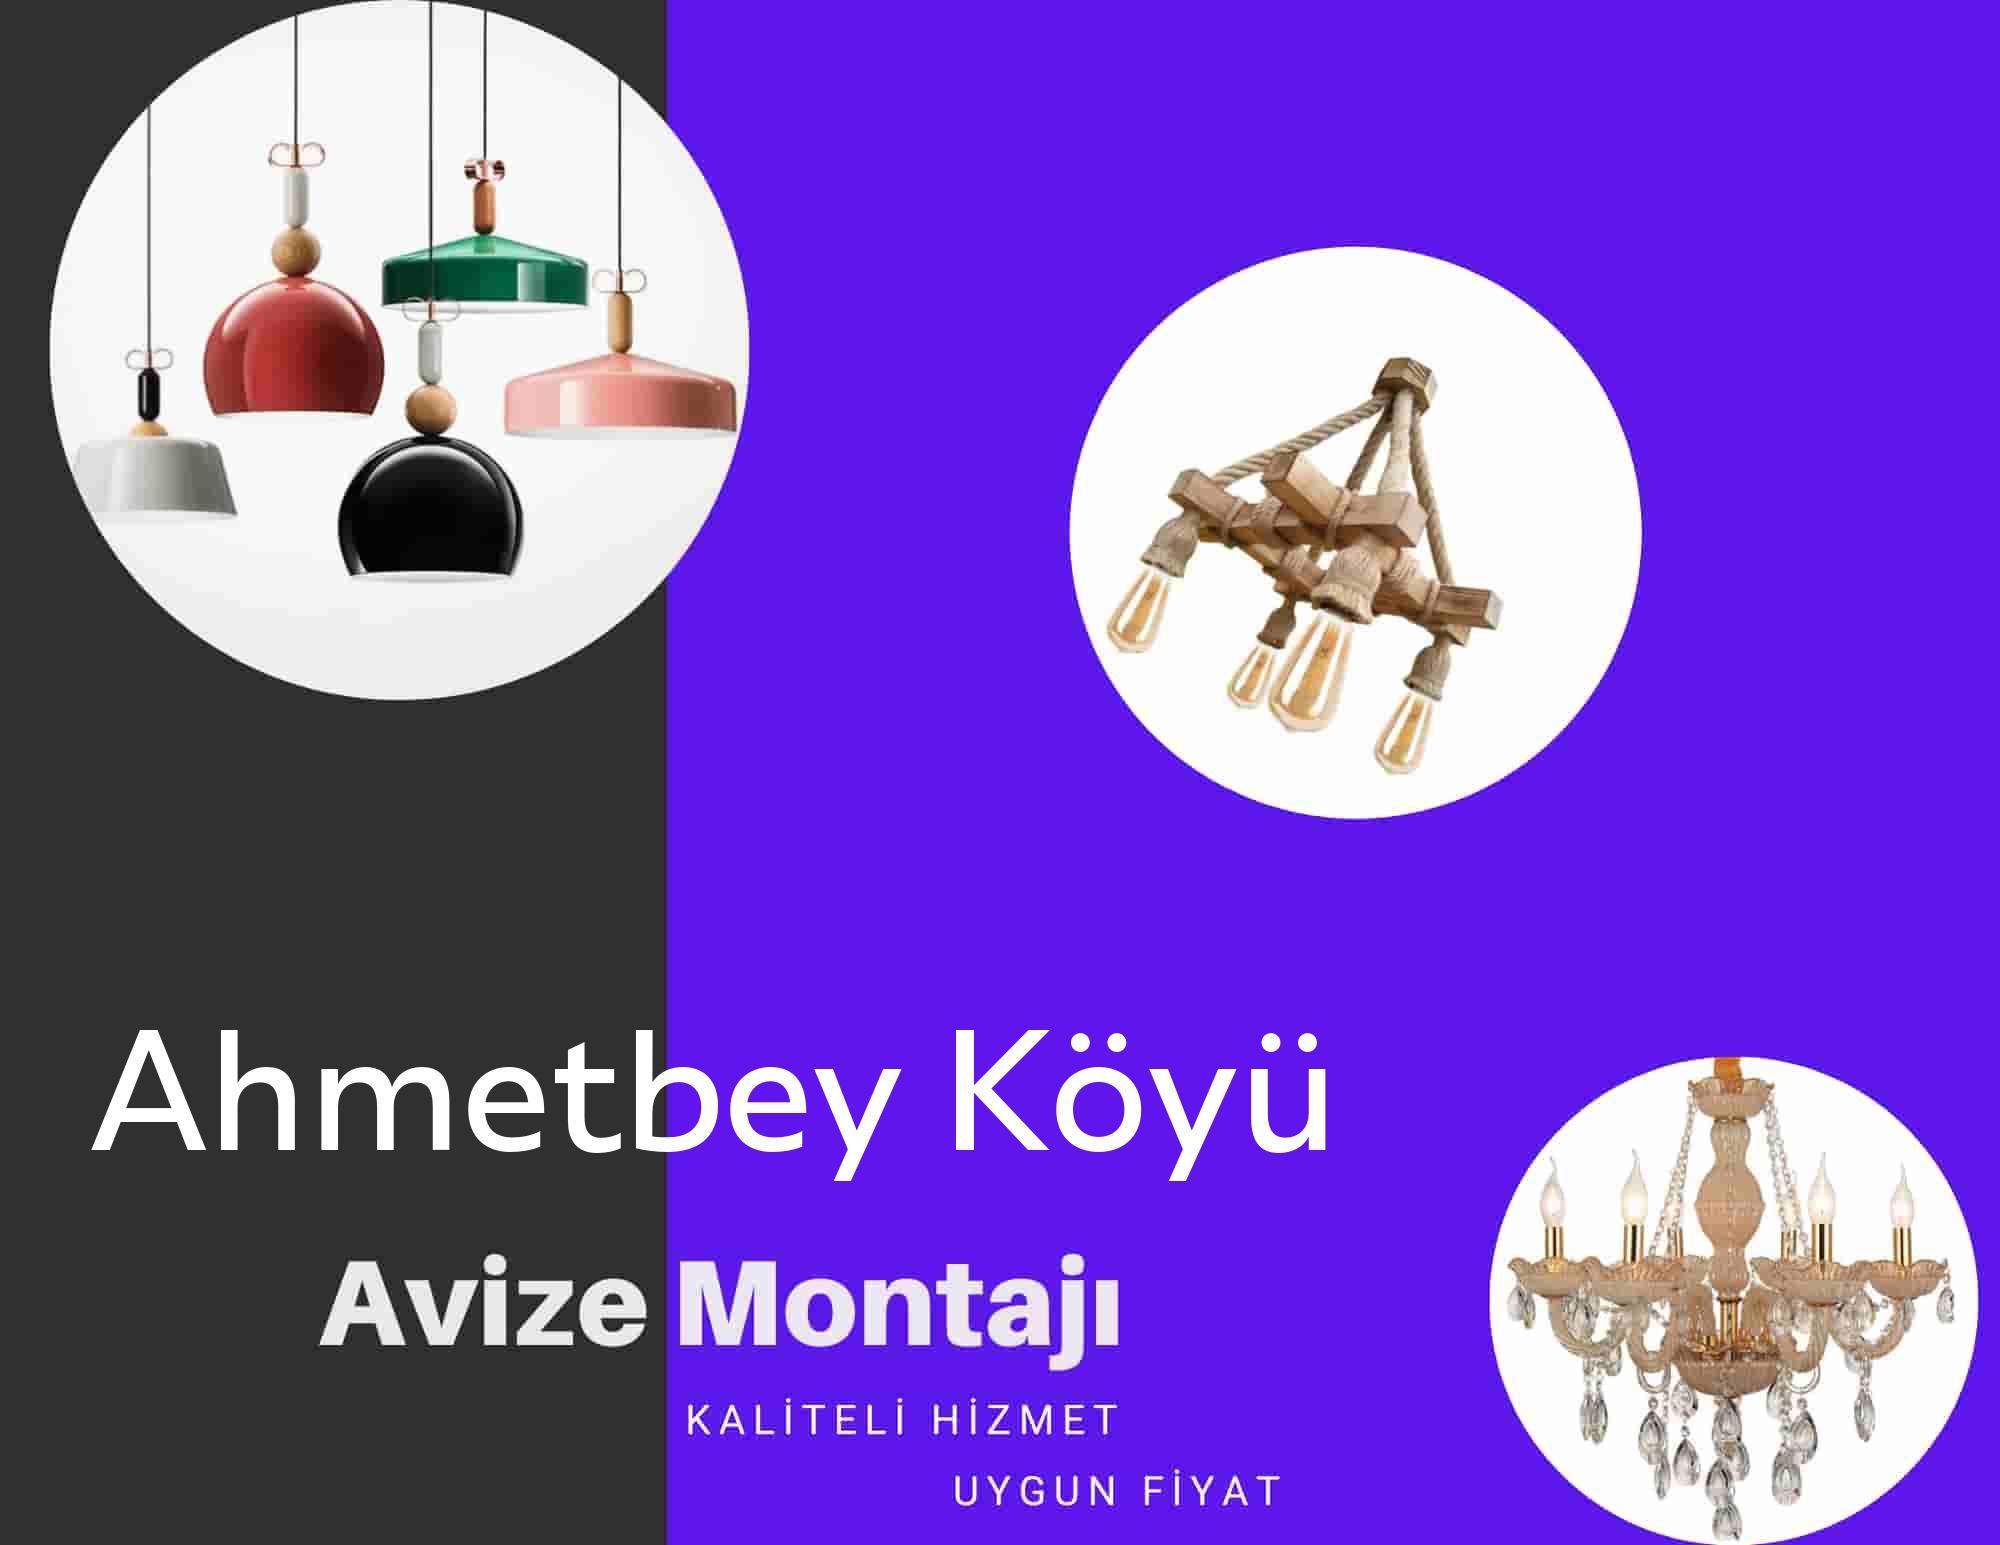 Ahmetbey Köyüde avize montajı yapan yerler arıyorsanız elektrikcicagir anında size profesyonel avize montajı ustasını yönlendirir.